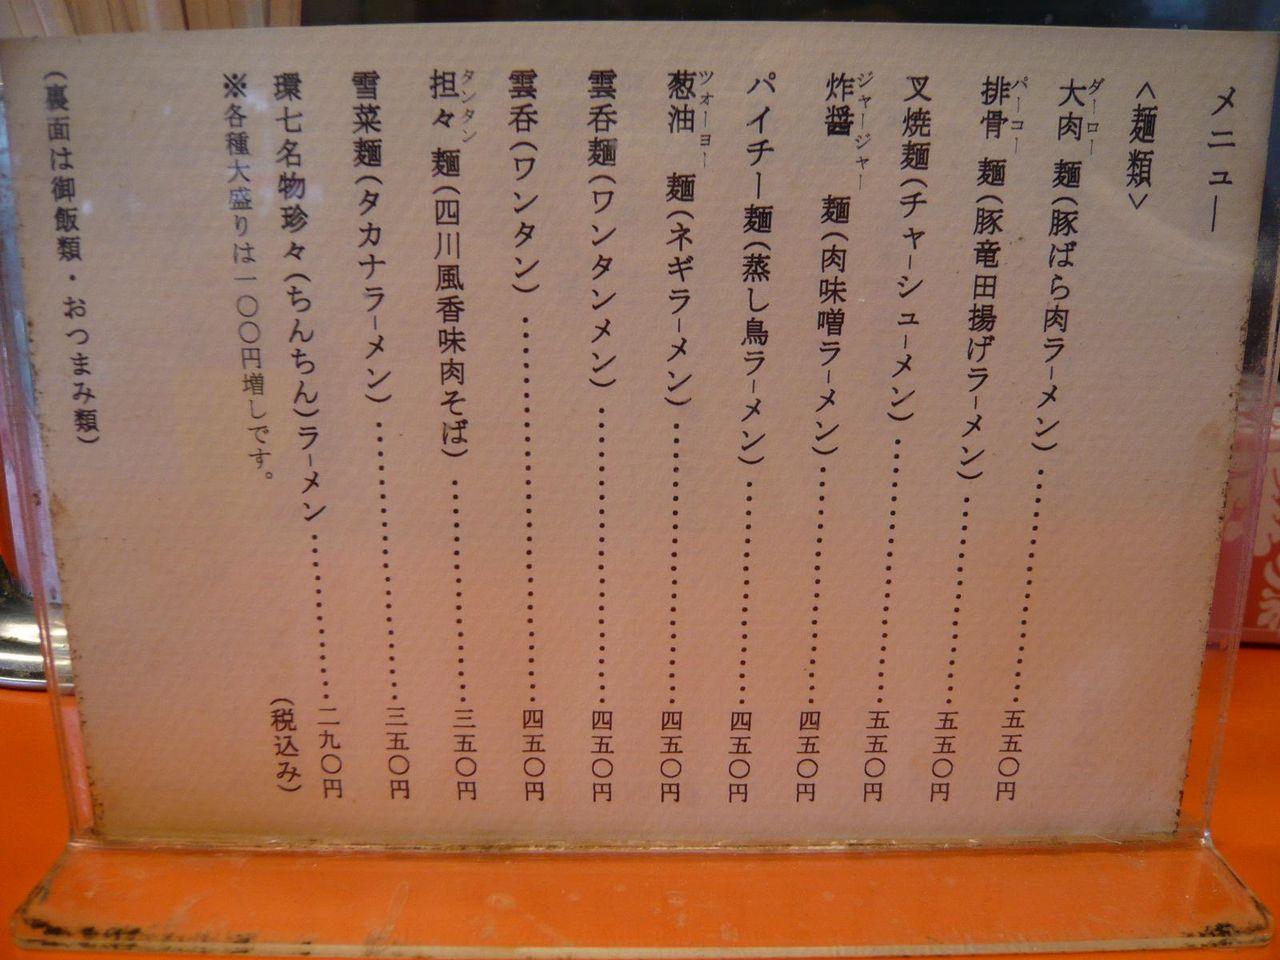 珍々ラーメンの麺類メニュー